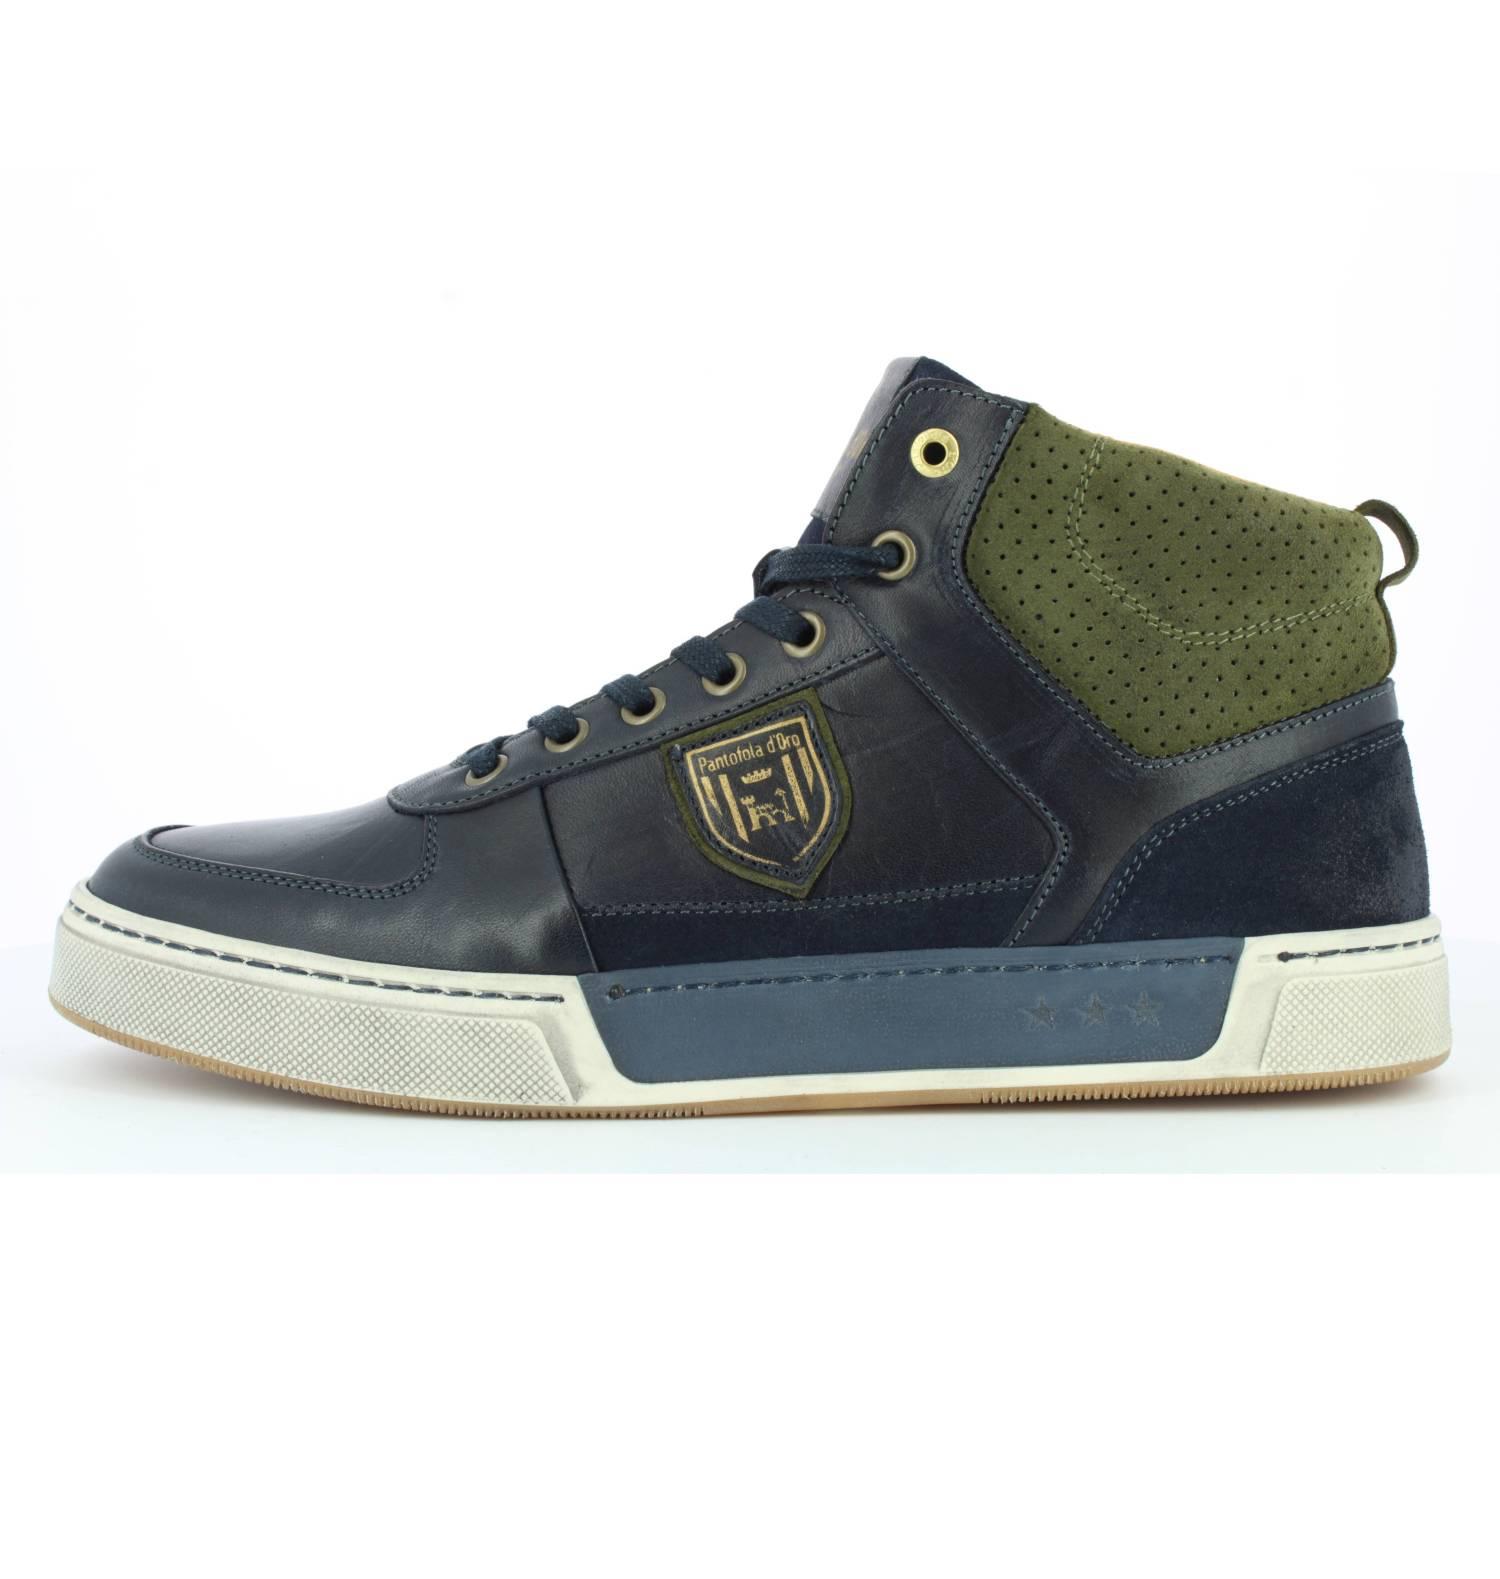 Pantofola d'Oro Frederico Uomo Mid dunkelblau Dress Blues Mid Sneaker Herren